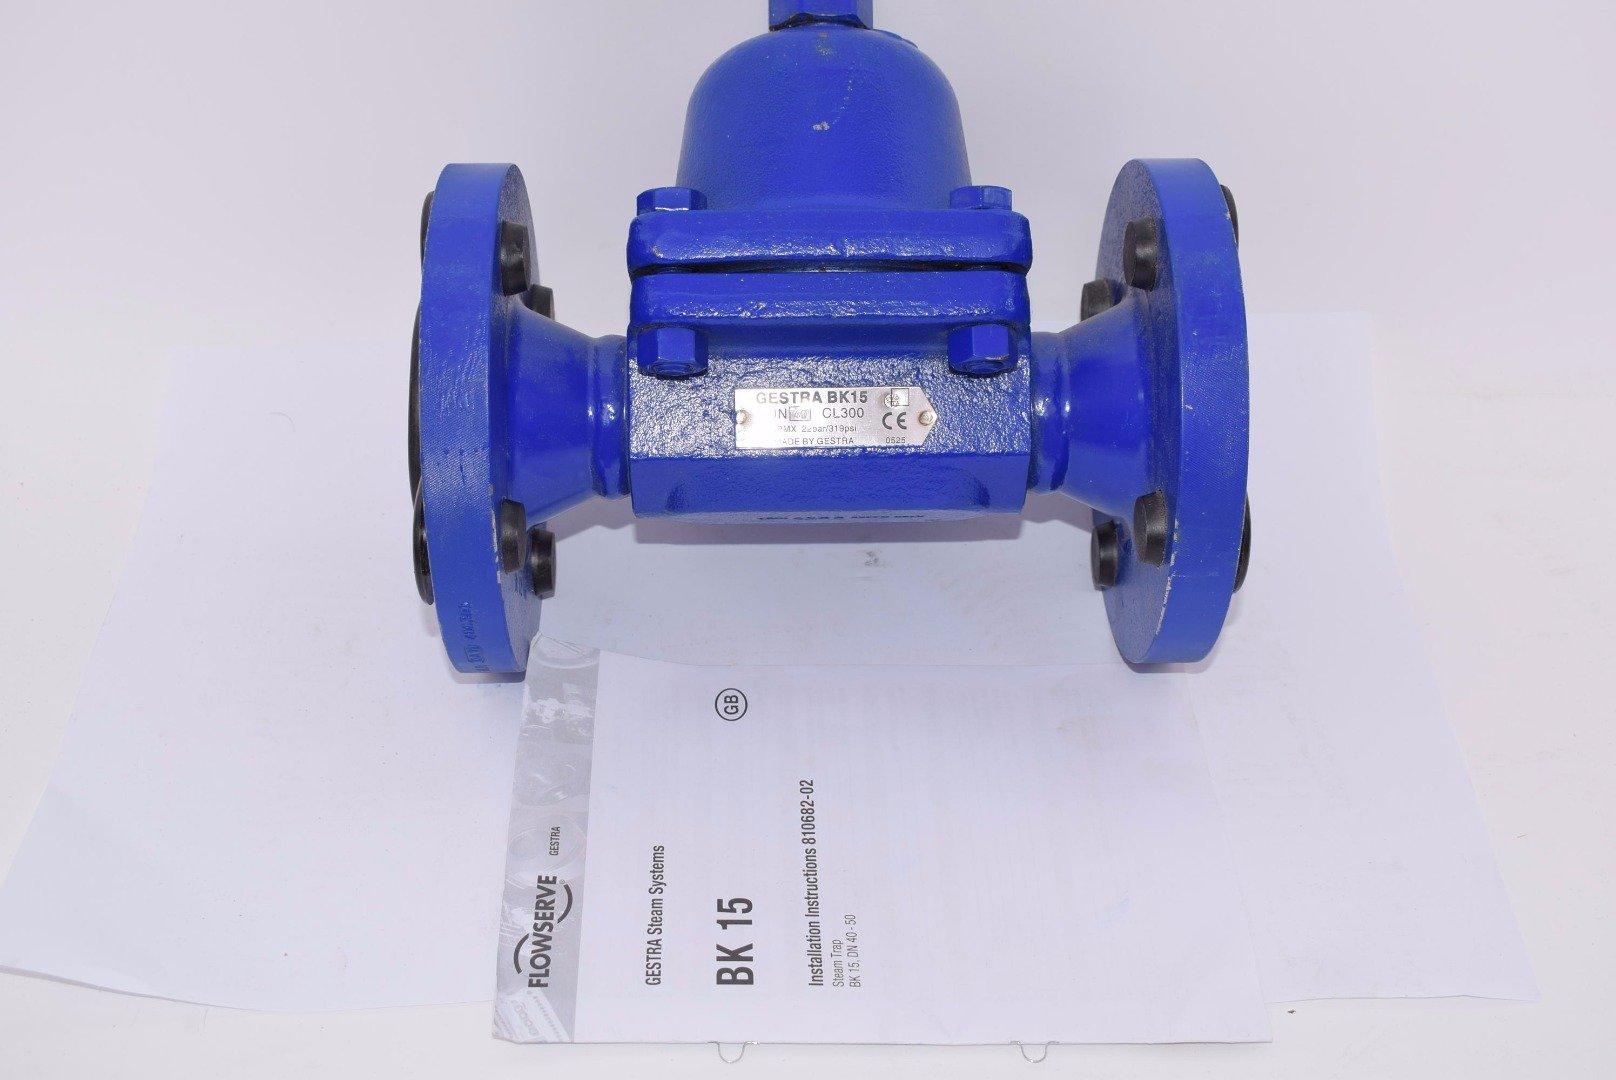 GESTRA BK15 1-1/2'' Steam Trap, BK 15 DN40 CL300 319 PSI